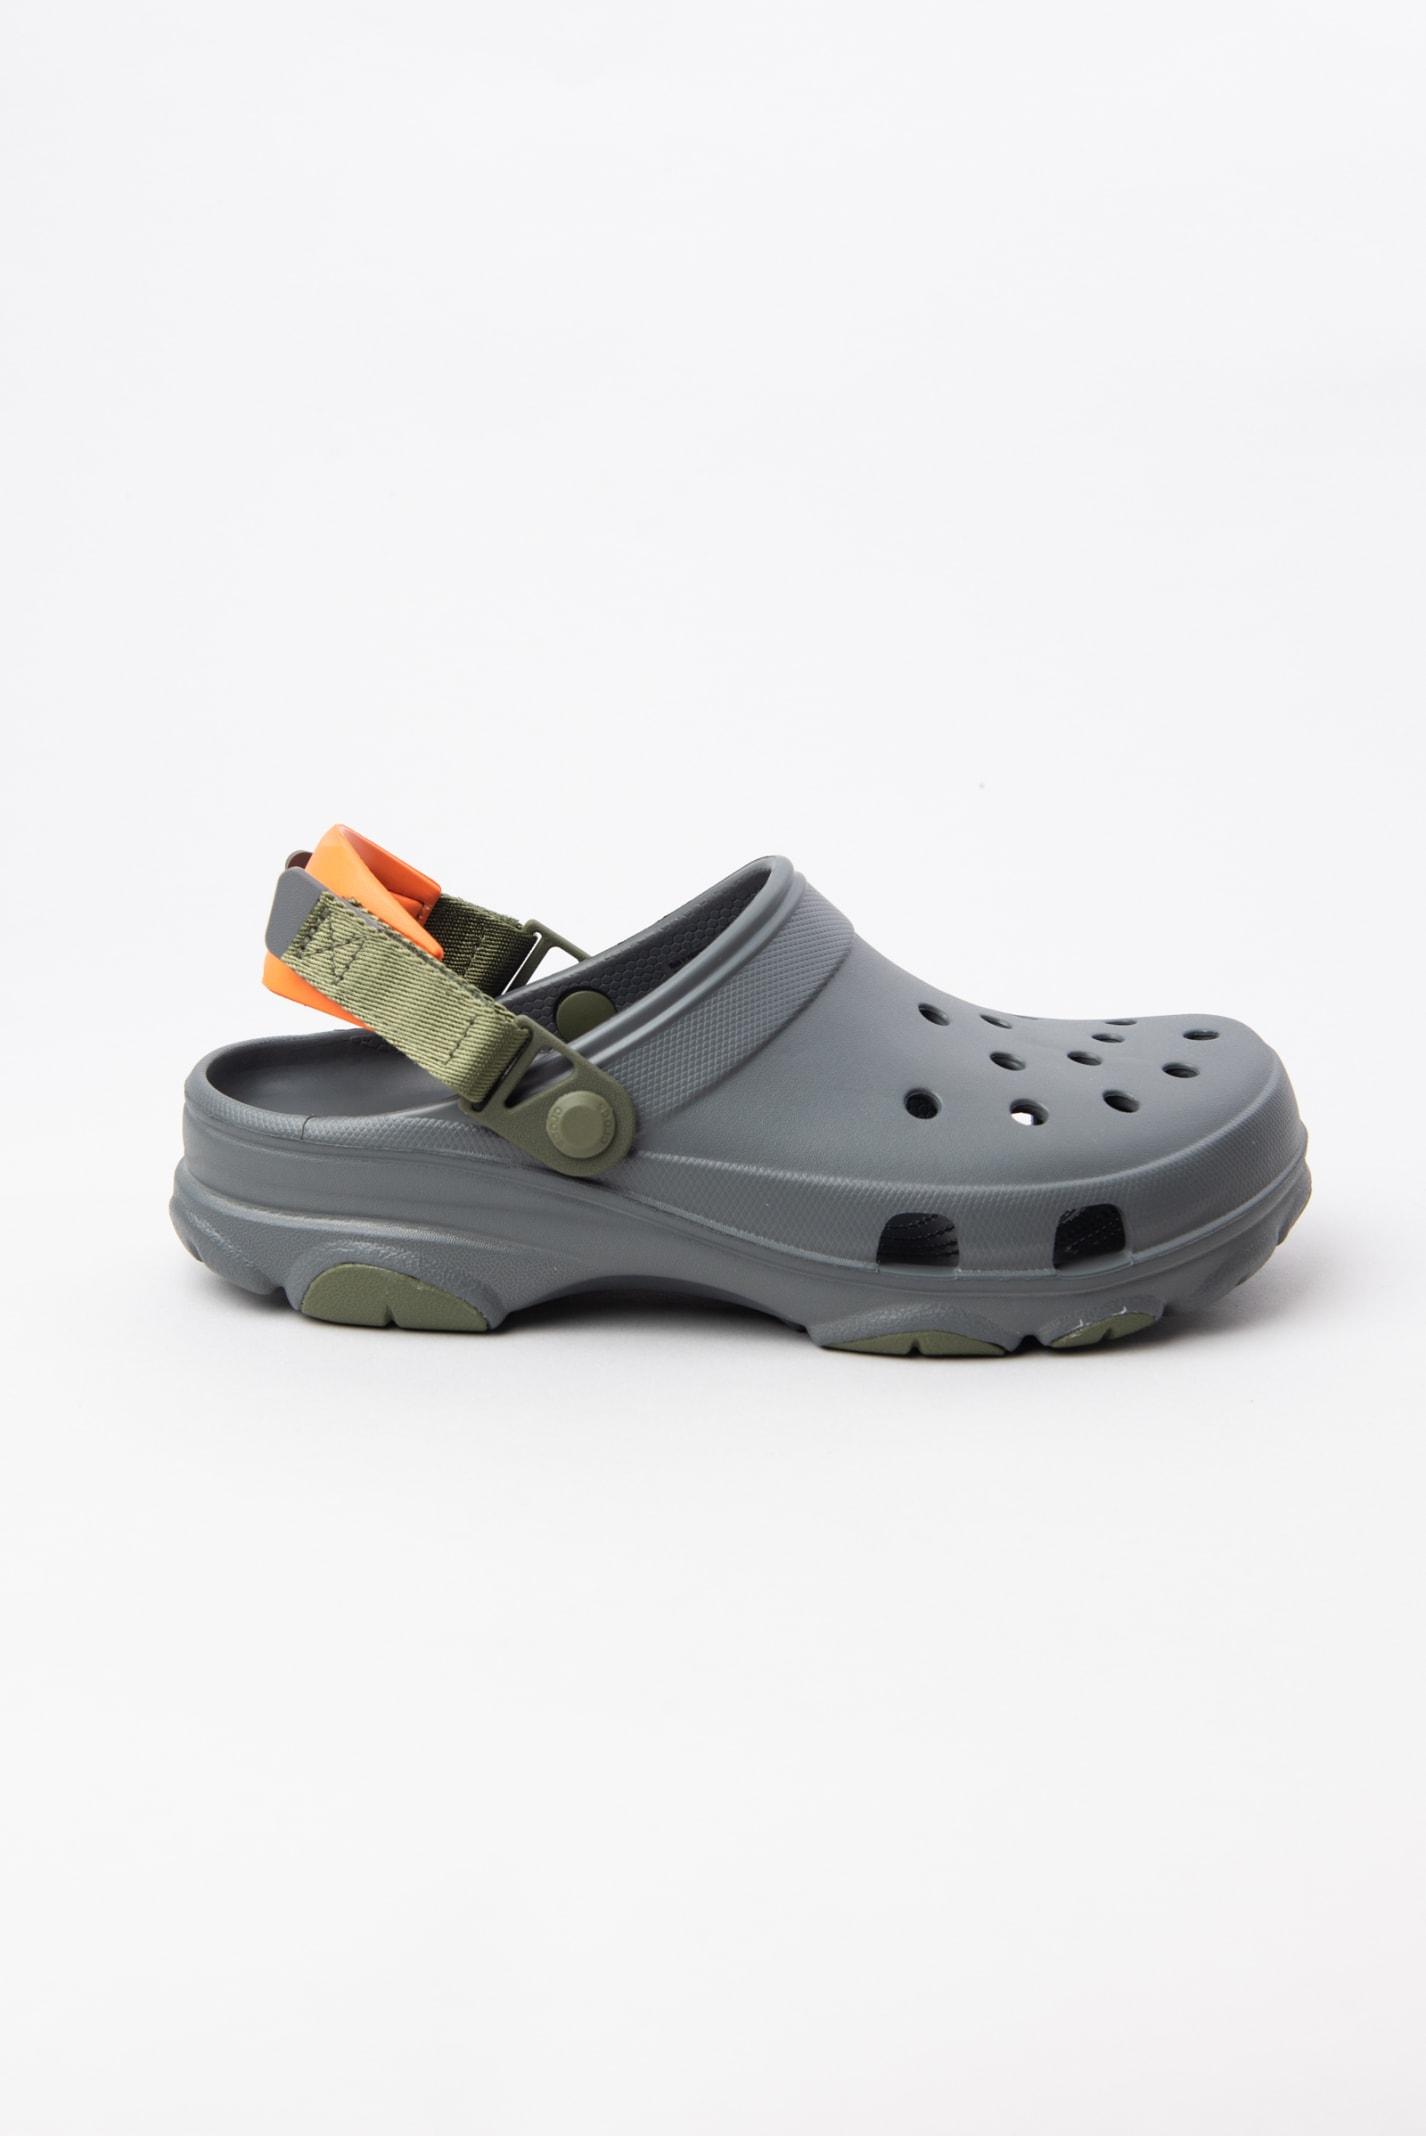 Crocs CLASSIC ALL TERRAIN CLOG M